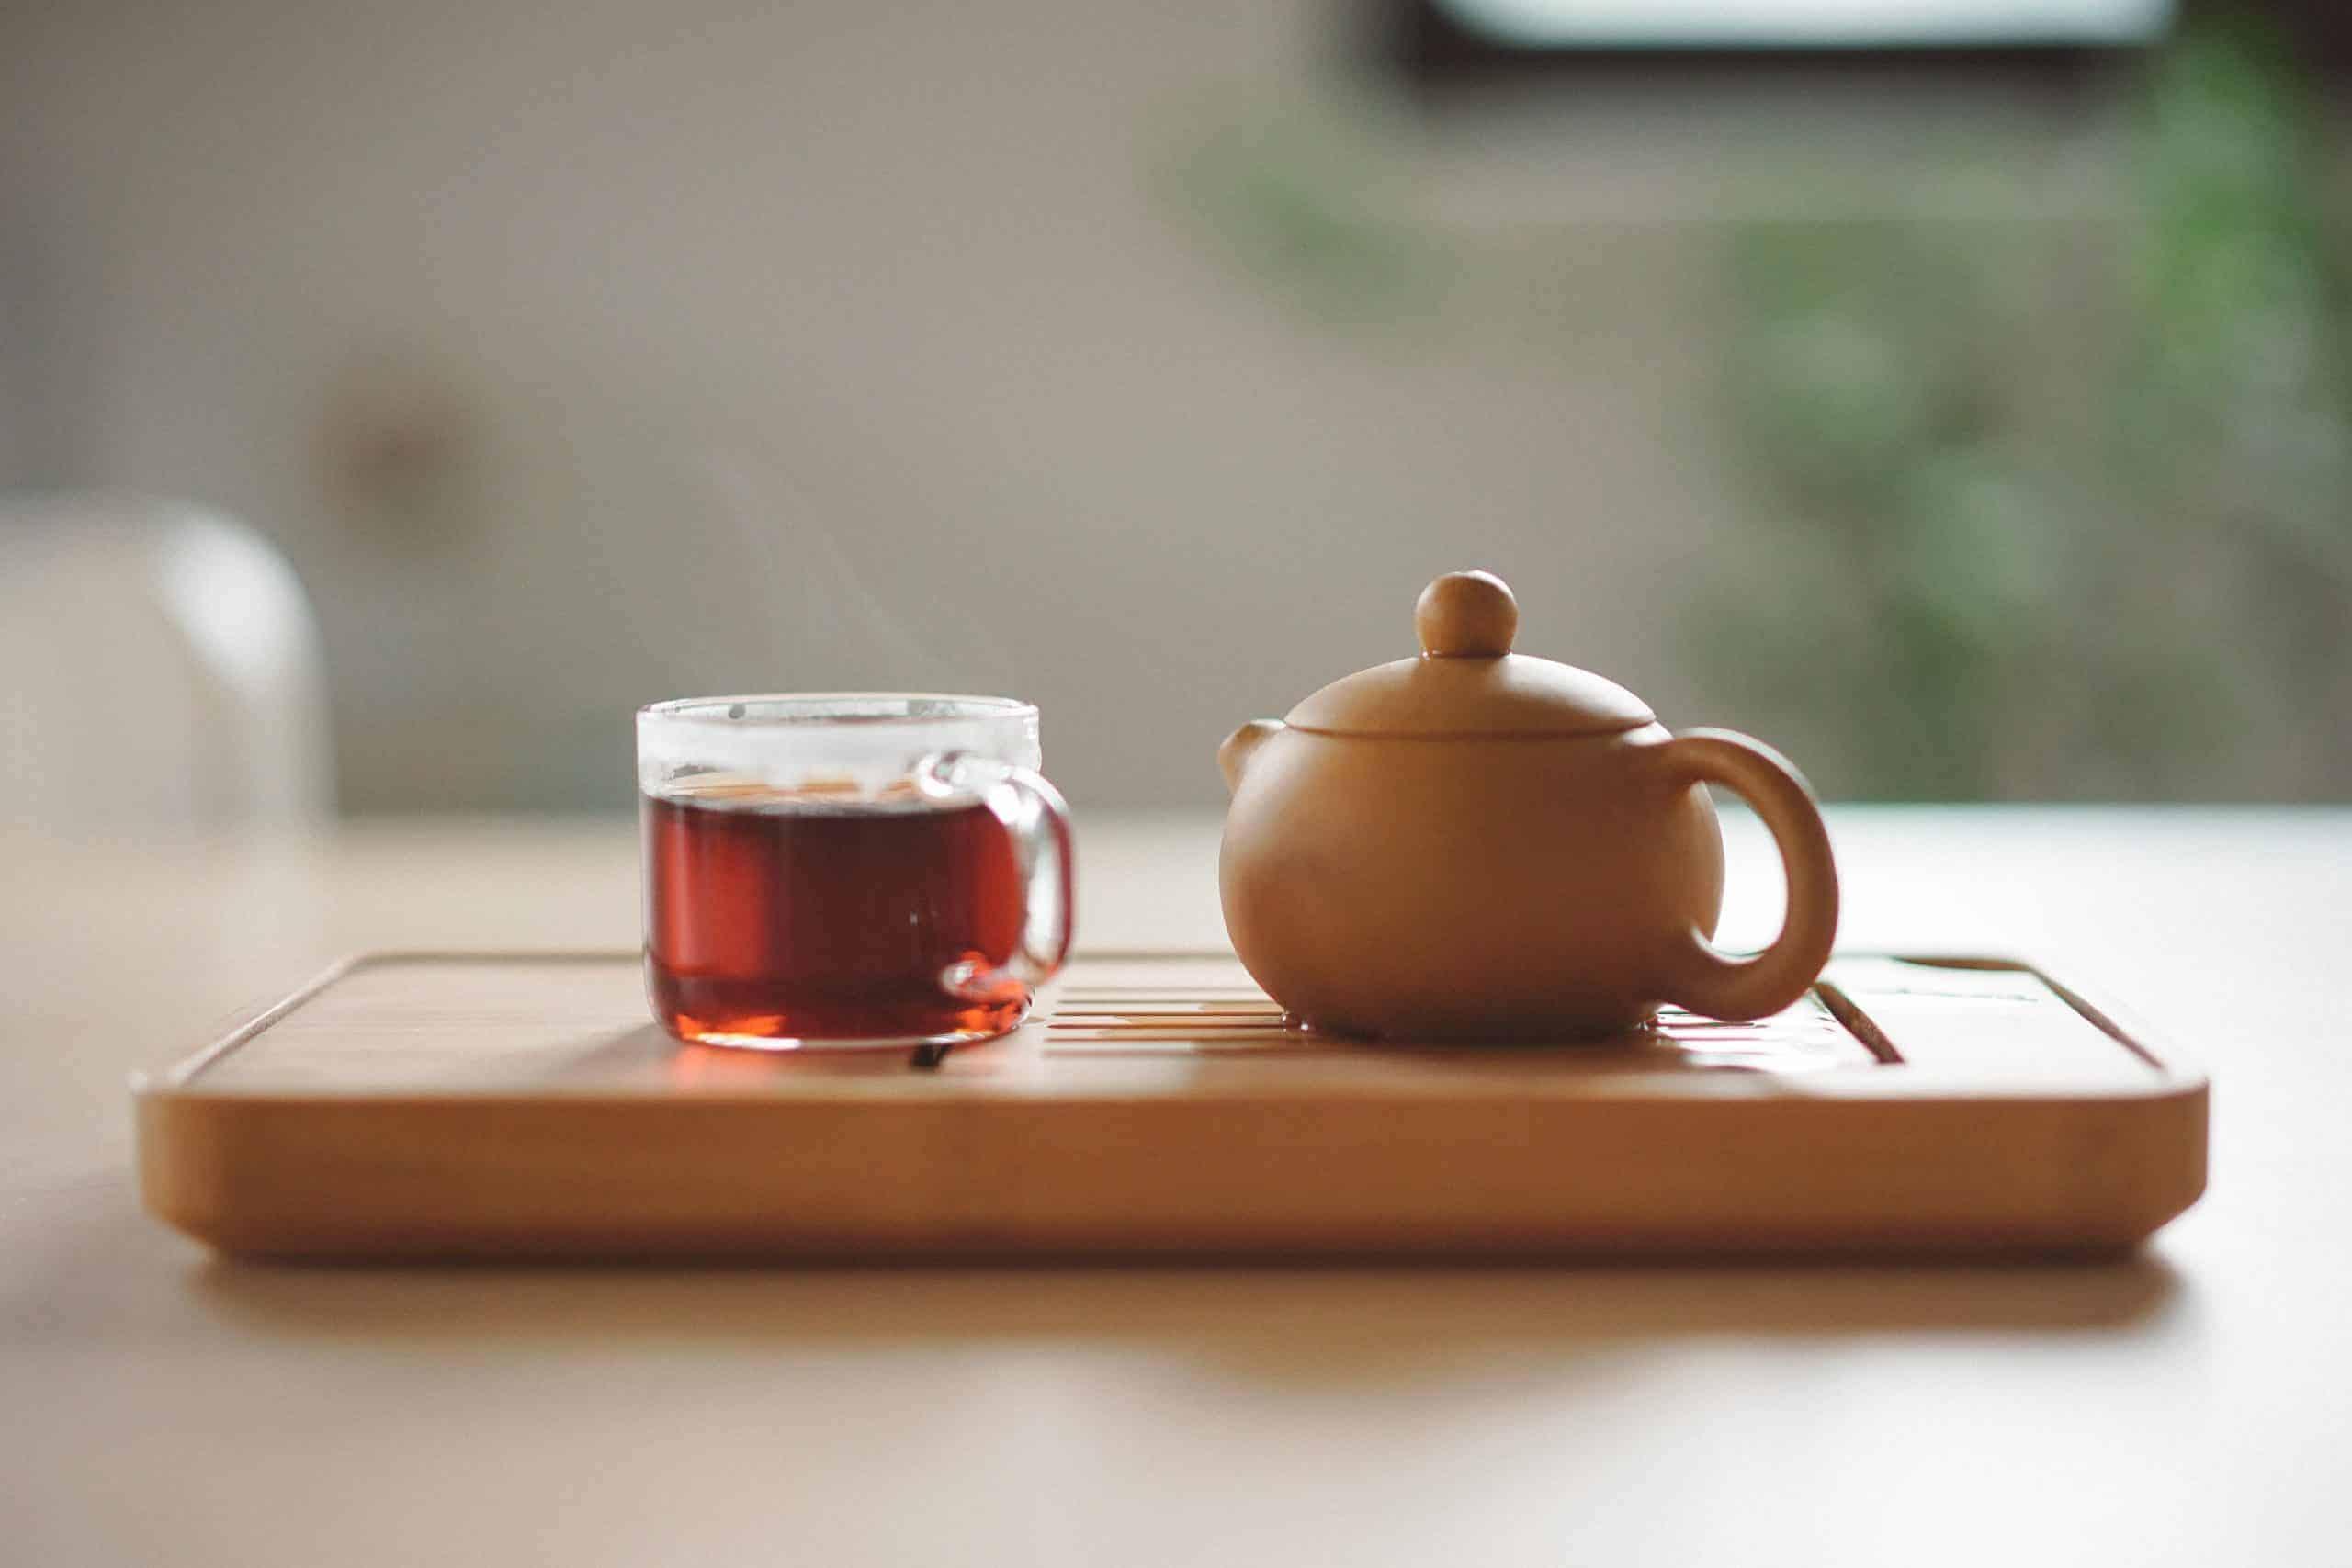 Liste der 3 größten Tee-Unternehmen in Deutschland